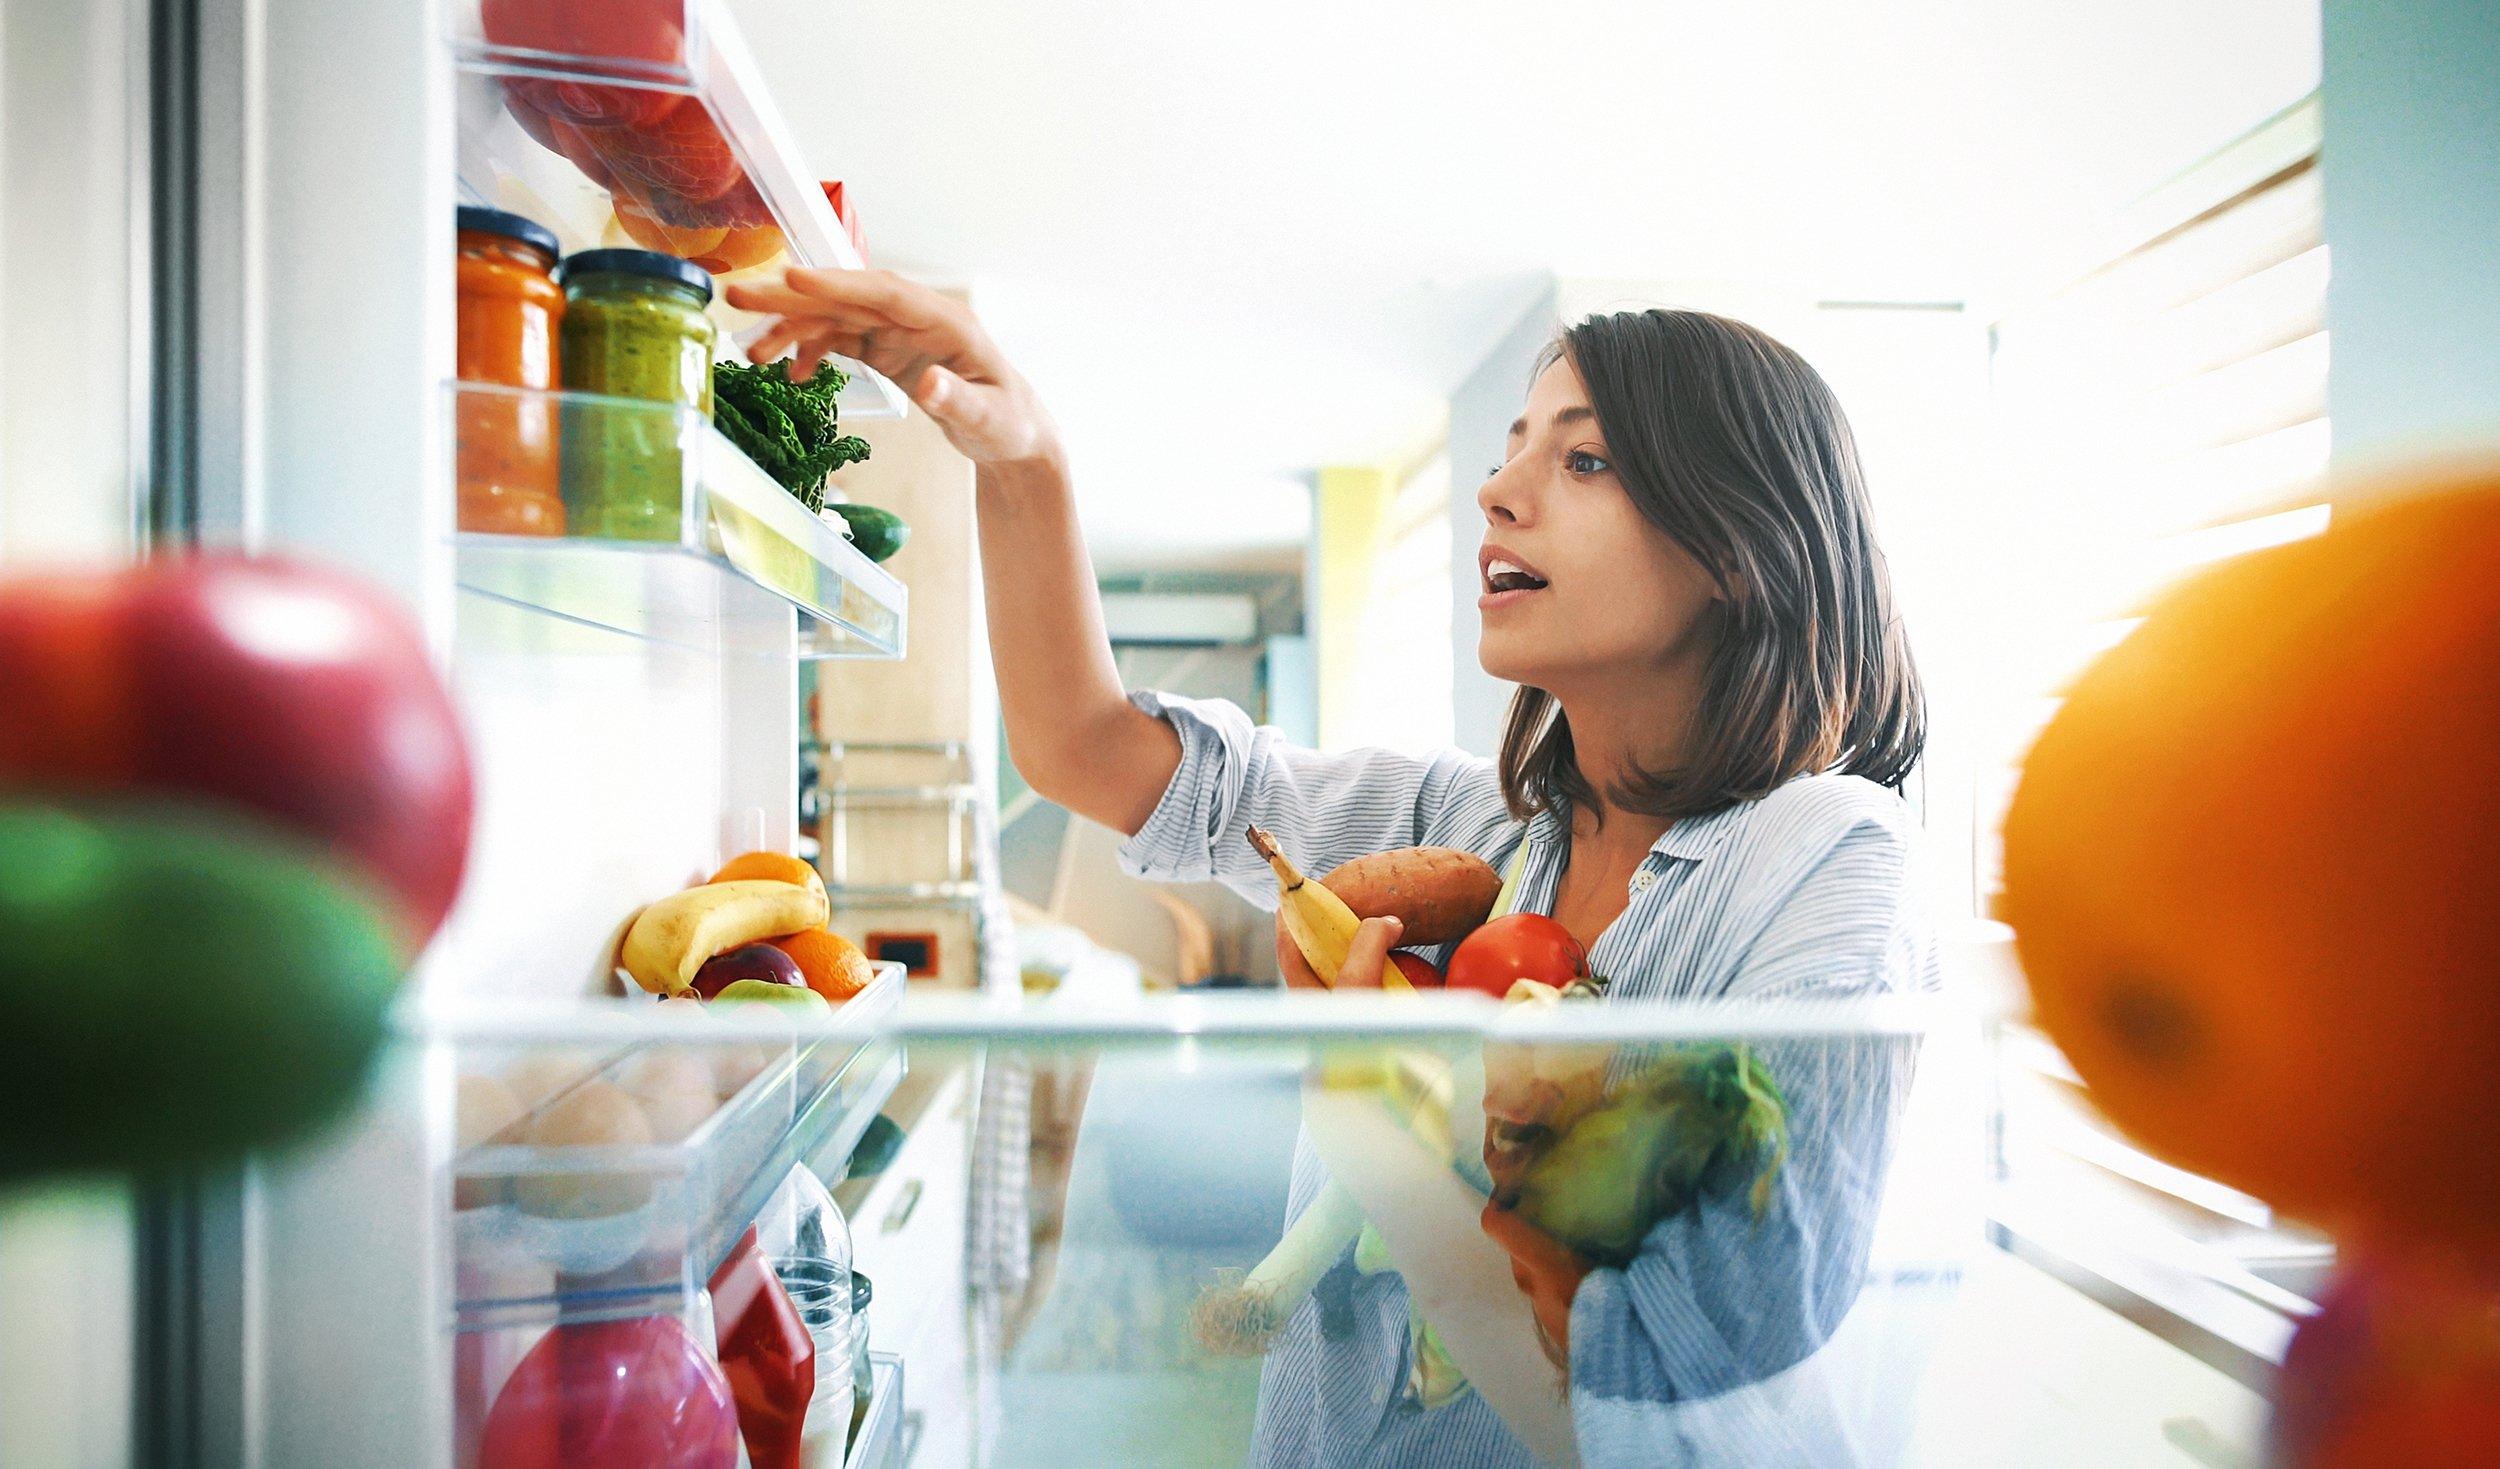 Covid-19: Cuidados com alimentos e compras